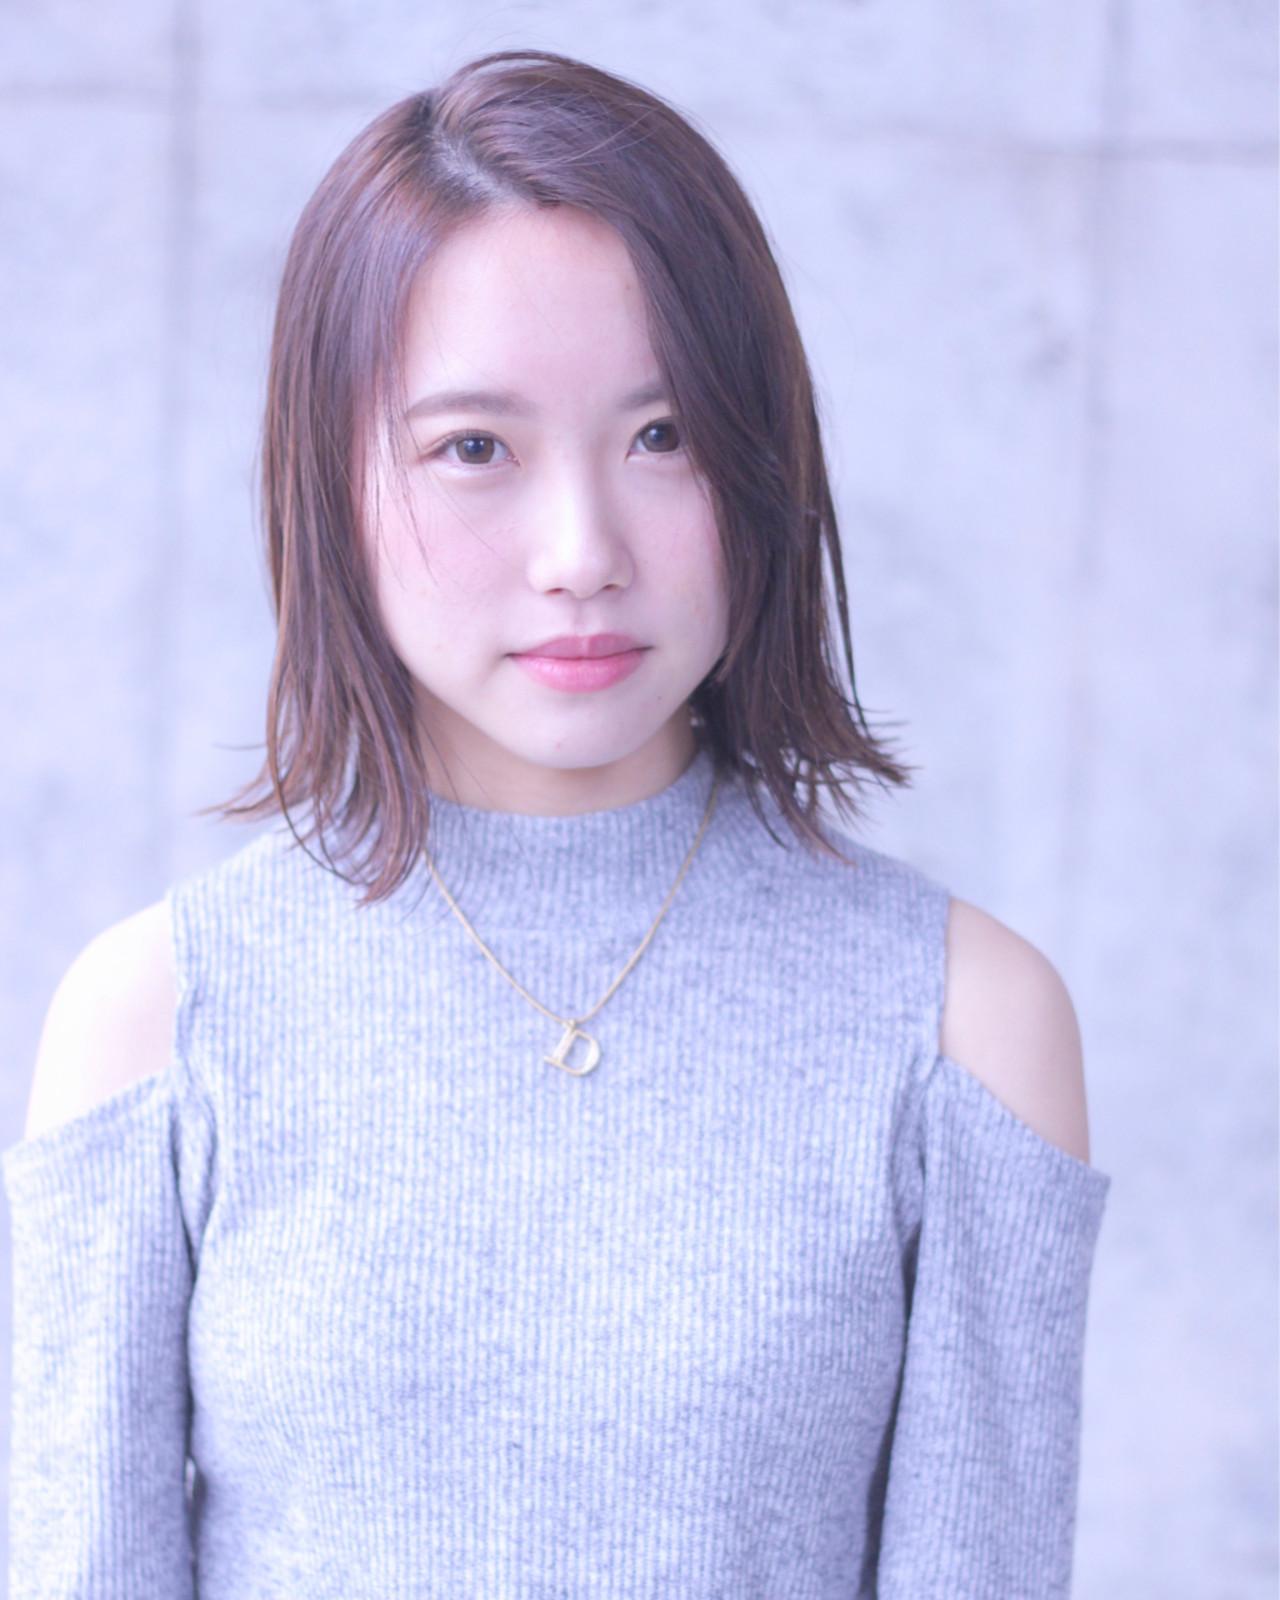 大人女子に人気の髪型とは?力の抜けたナチュラルさが魅力のヘアスタイル10選 Wataru Maeda